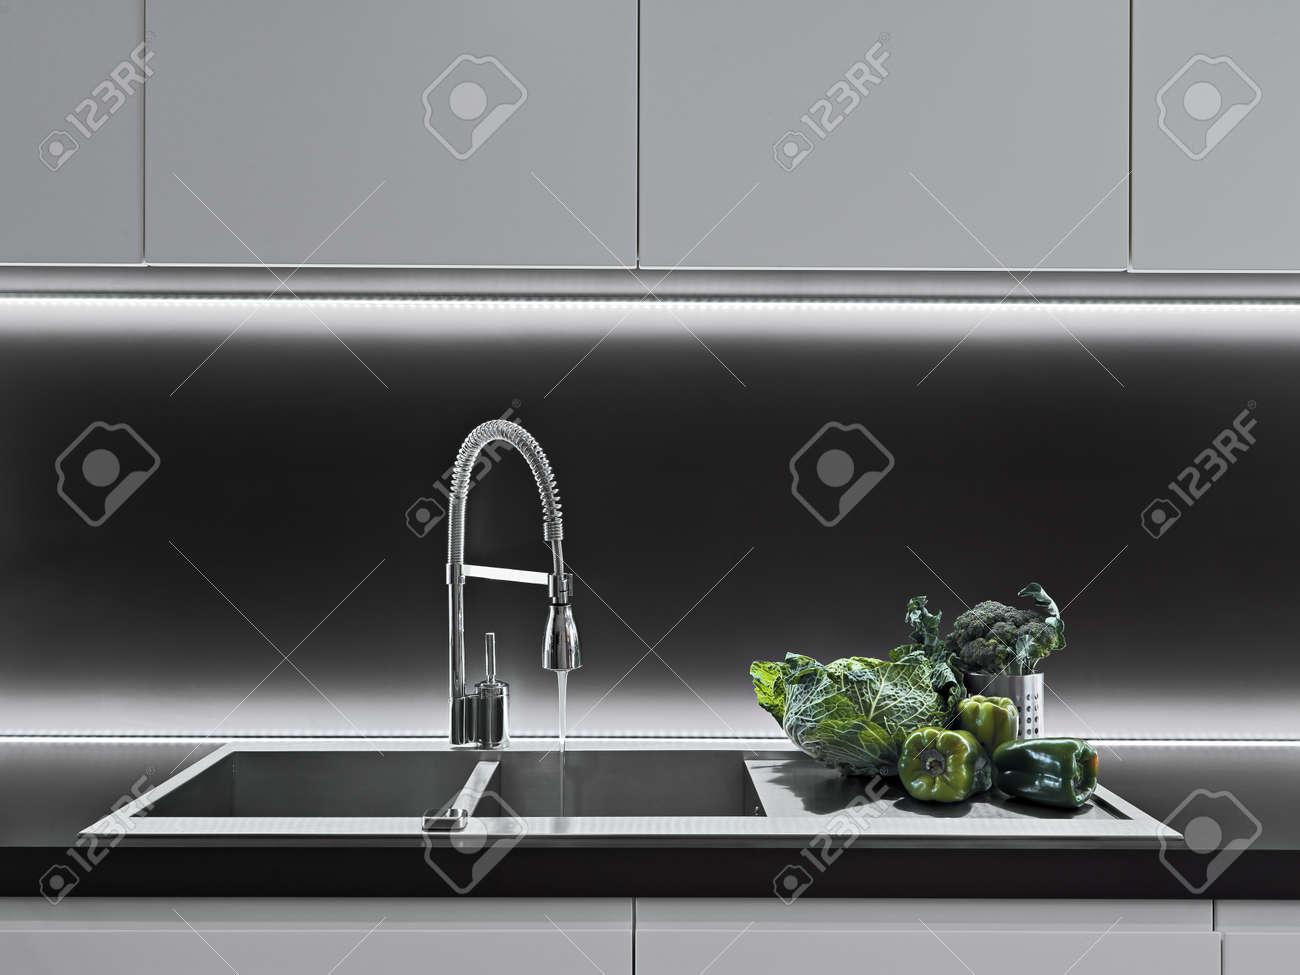 vegetables on the worktop in a modern kitchen Standard-Bild - 21125925